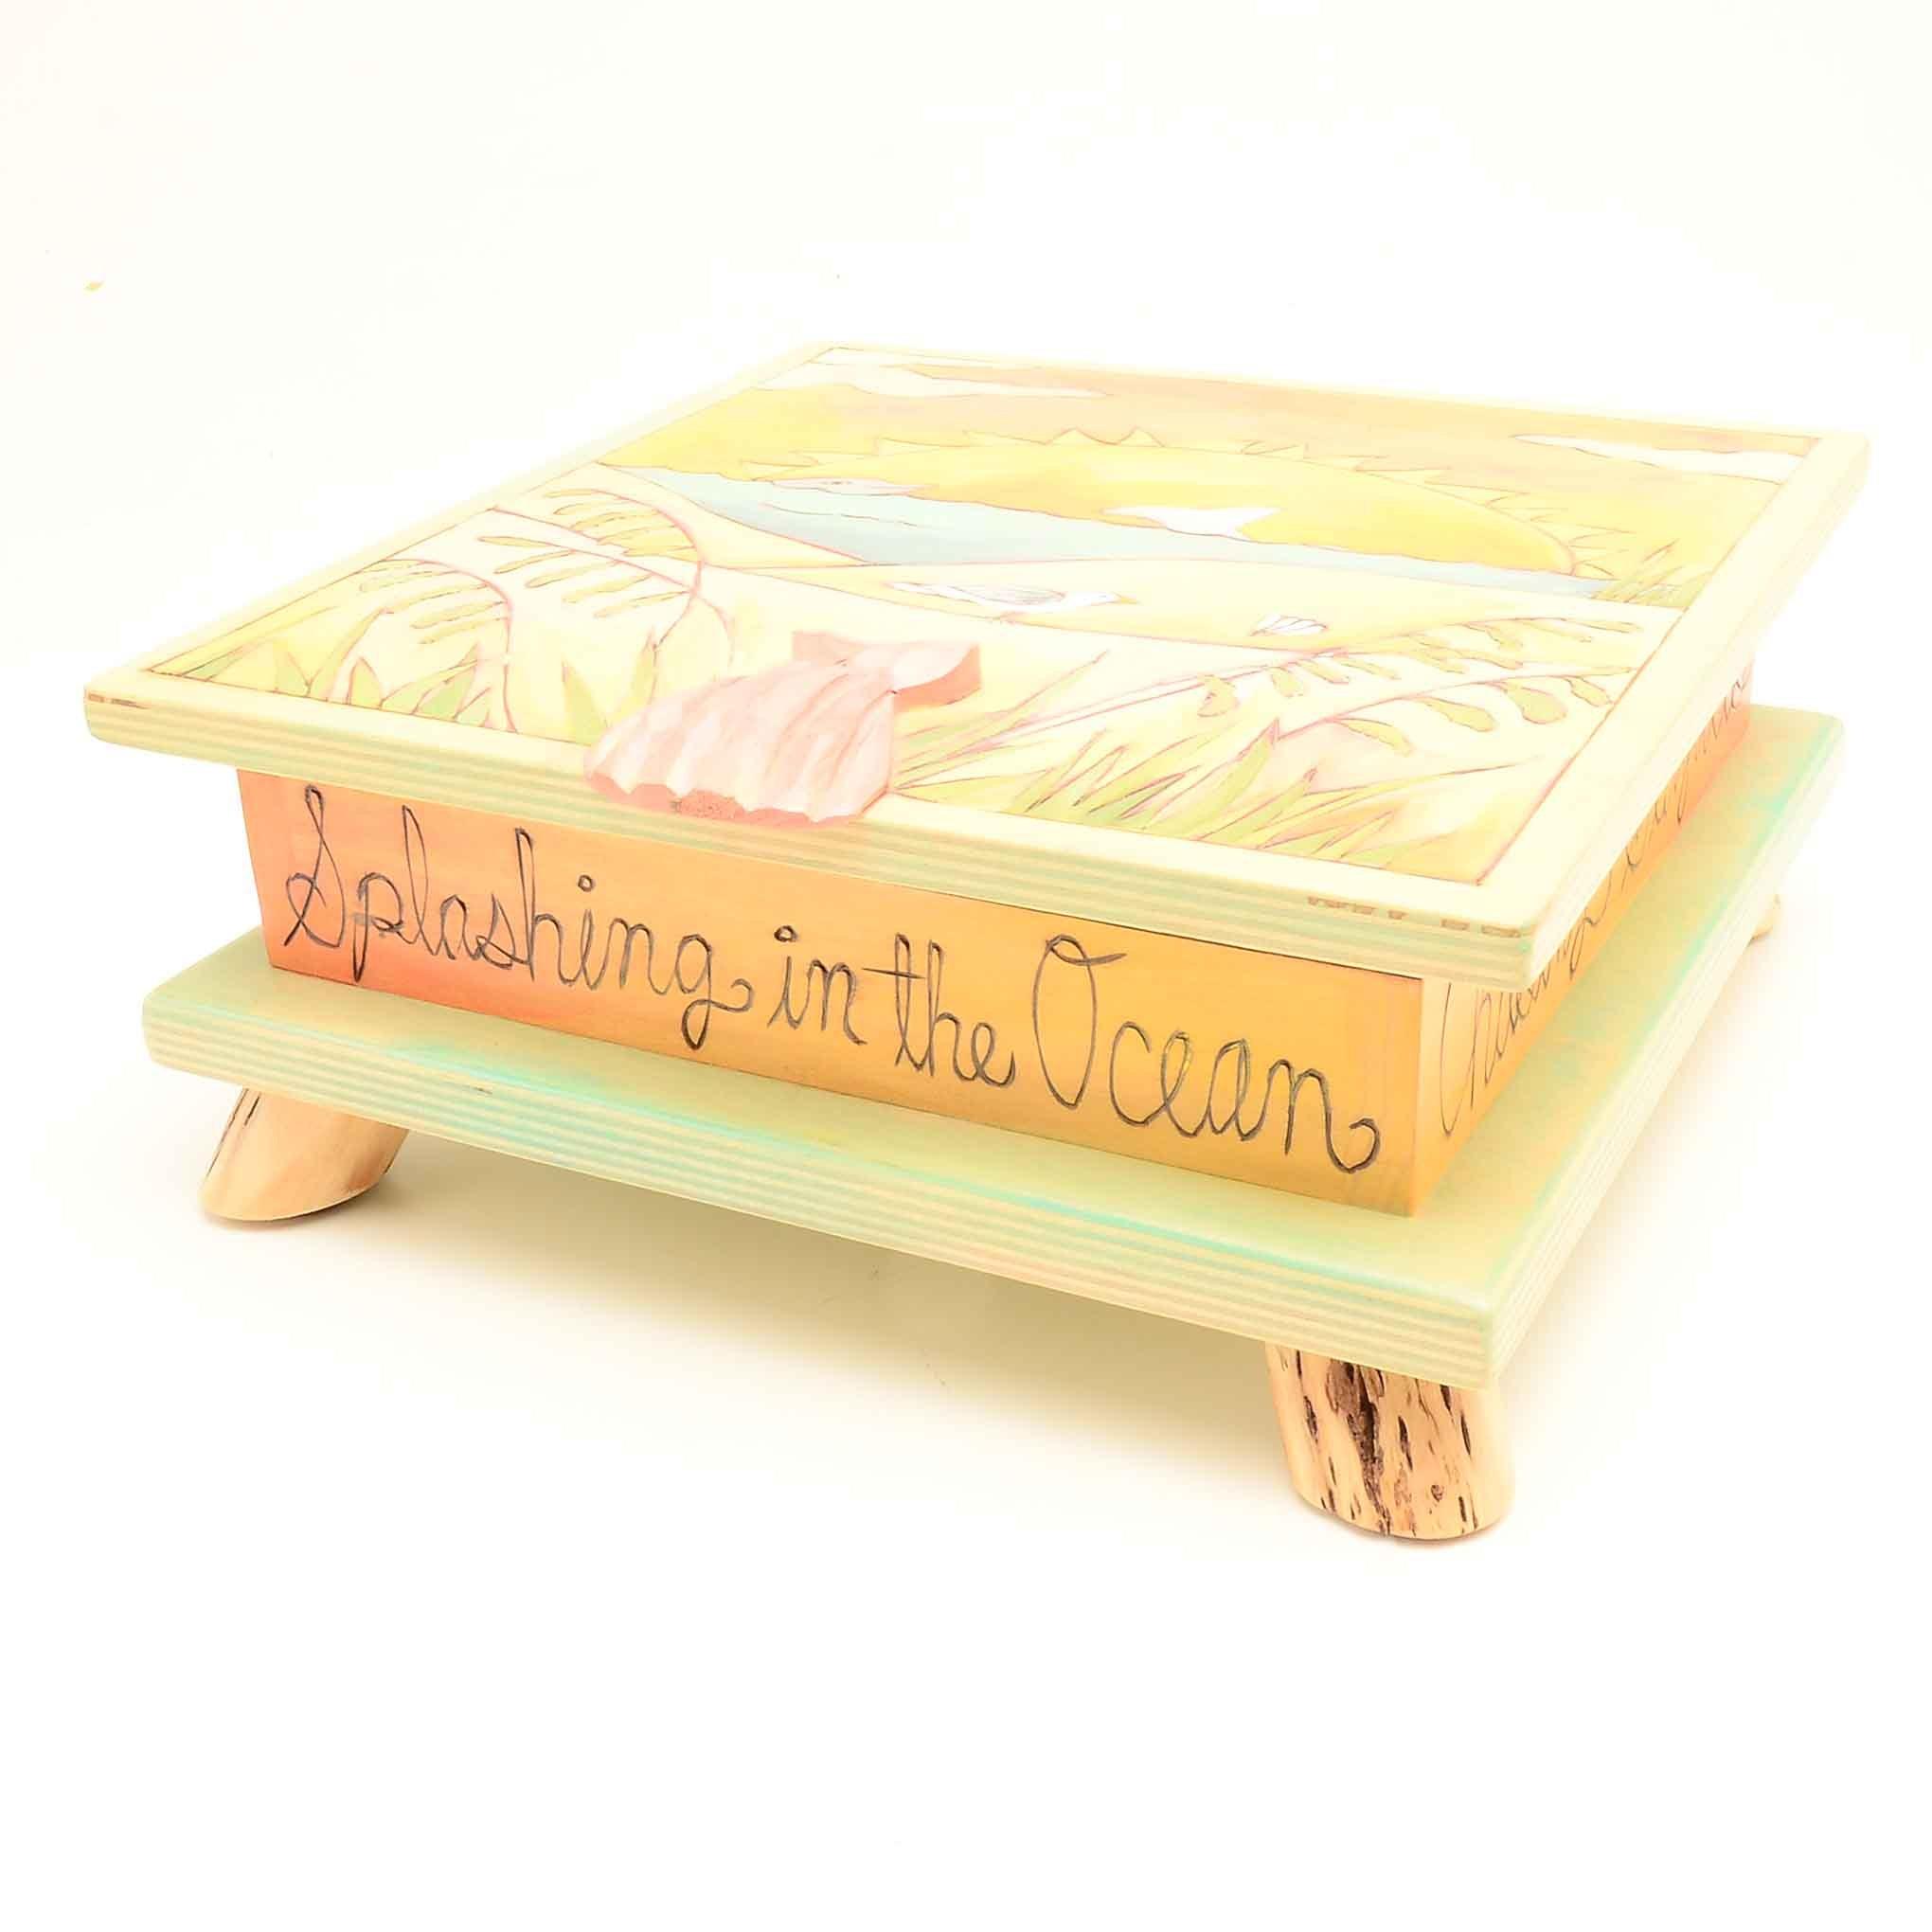 Handmade Wooden Beach Box by Sticks